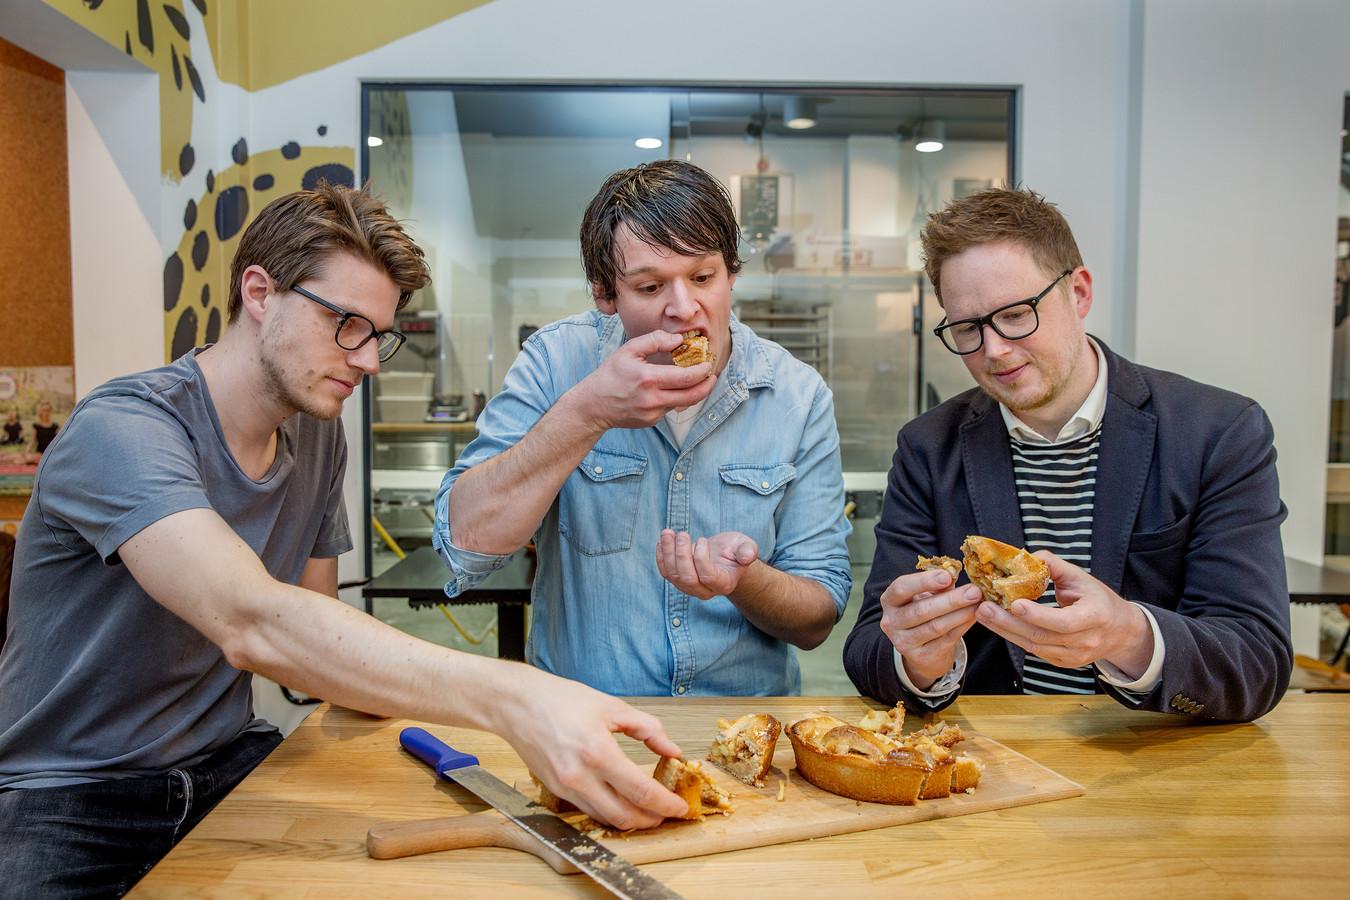 Het panel: Matthijs Boon (31) Bevlogen baktalent. Runt in Hilversum twee bakkerijen voor brood en banket. Rutger van den Broek (33) Bekroonde thuisbakker met eigen blog en zes bakboeken. Waldo Weijsenfeld (37) Drijvende kracht achter Waldo Chocola & Patisserie.